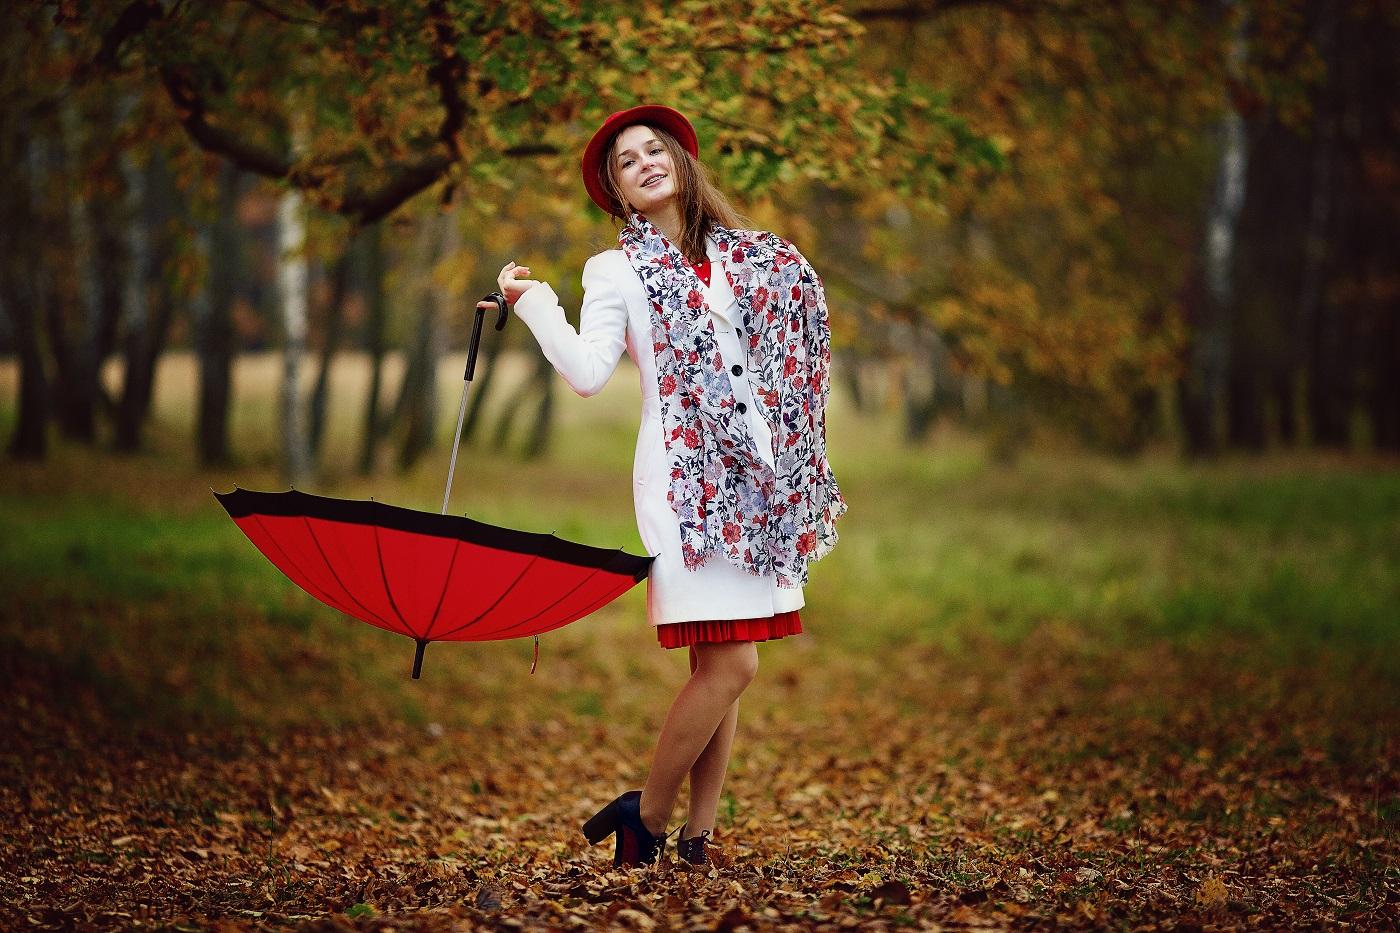 это касается позы фотосессии с зонтом летом цветочной составляющей, аранжировки